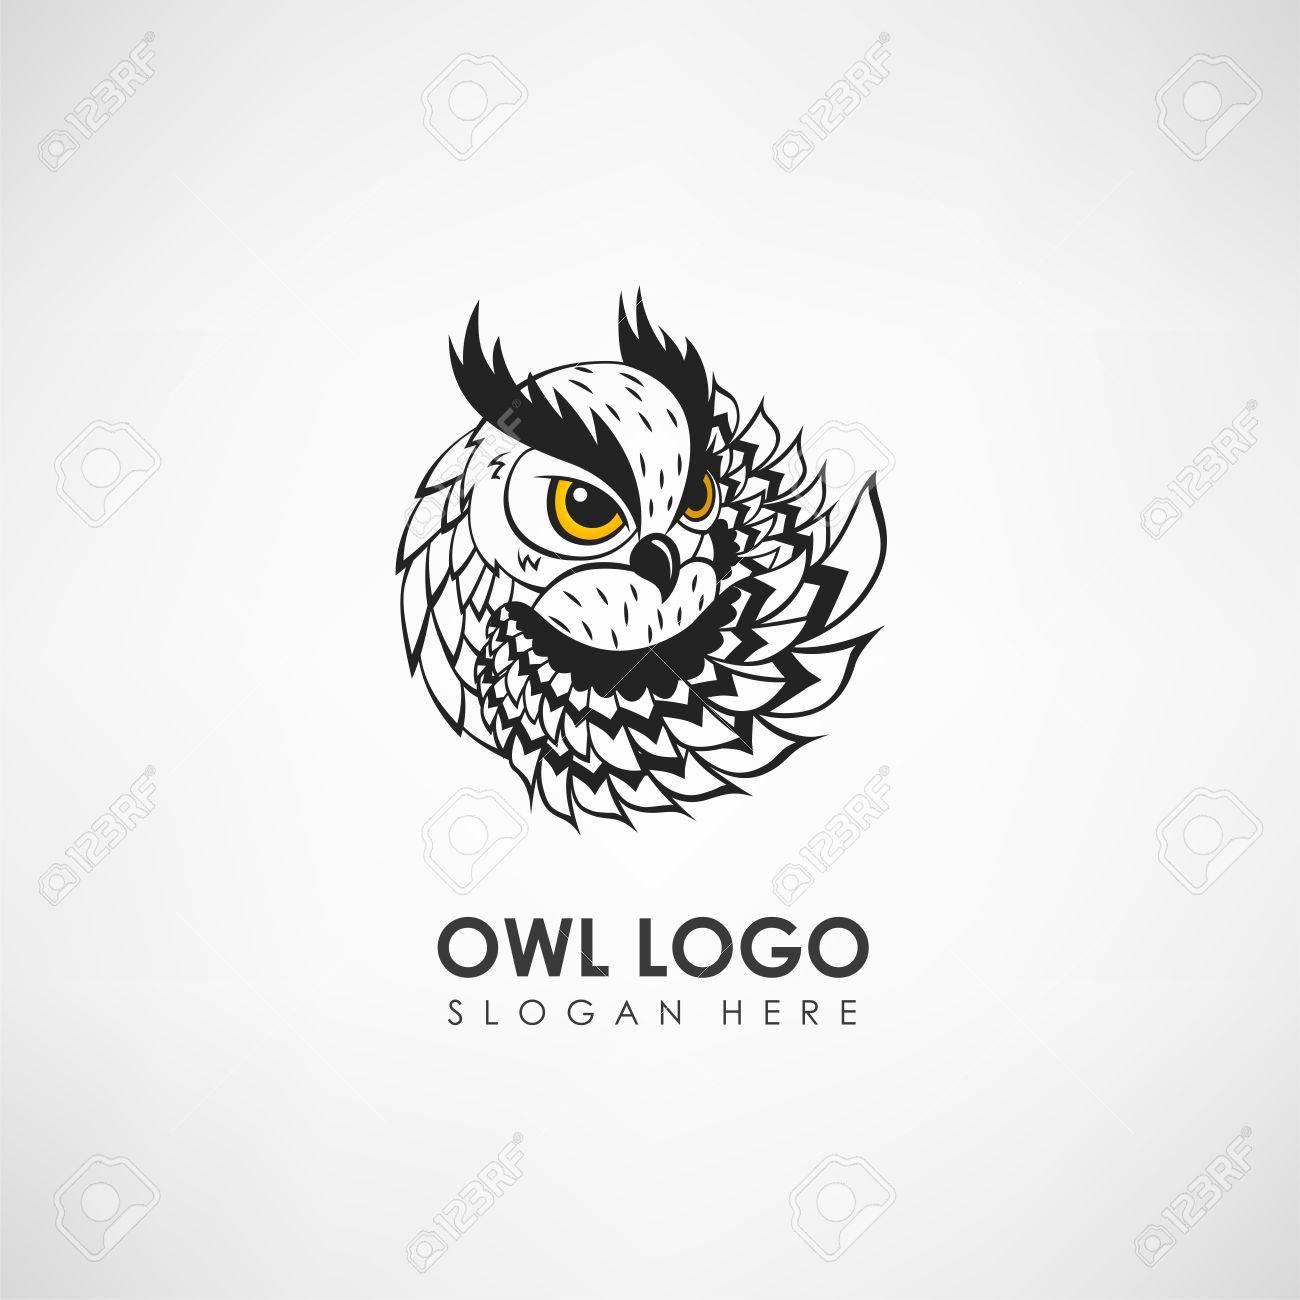 Eule Konzept Logo Vorlage. Label Für Unternehmen Oder Organisation ...